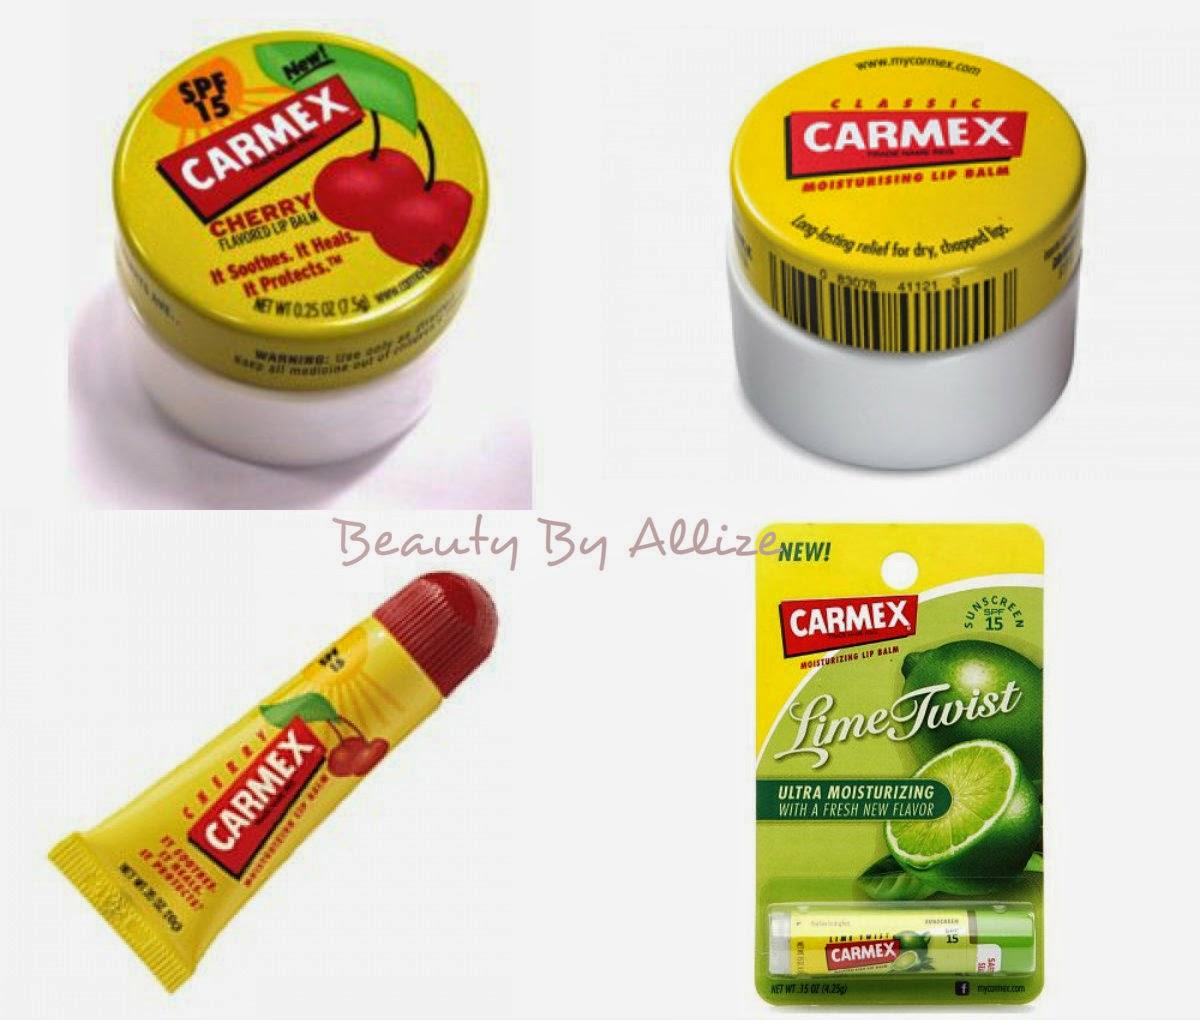 Бальзам для губ Carmex. Lip balm Carmex.